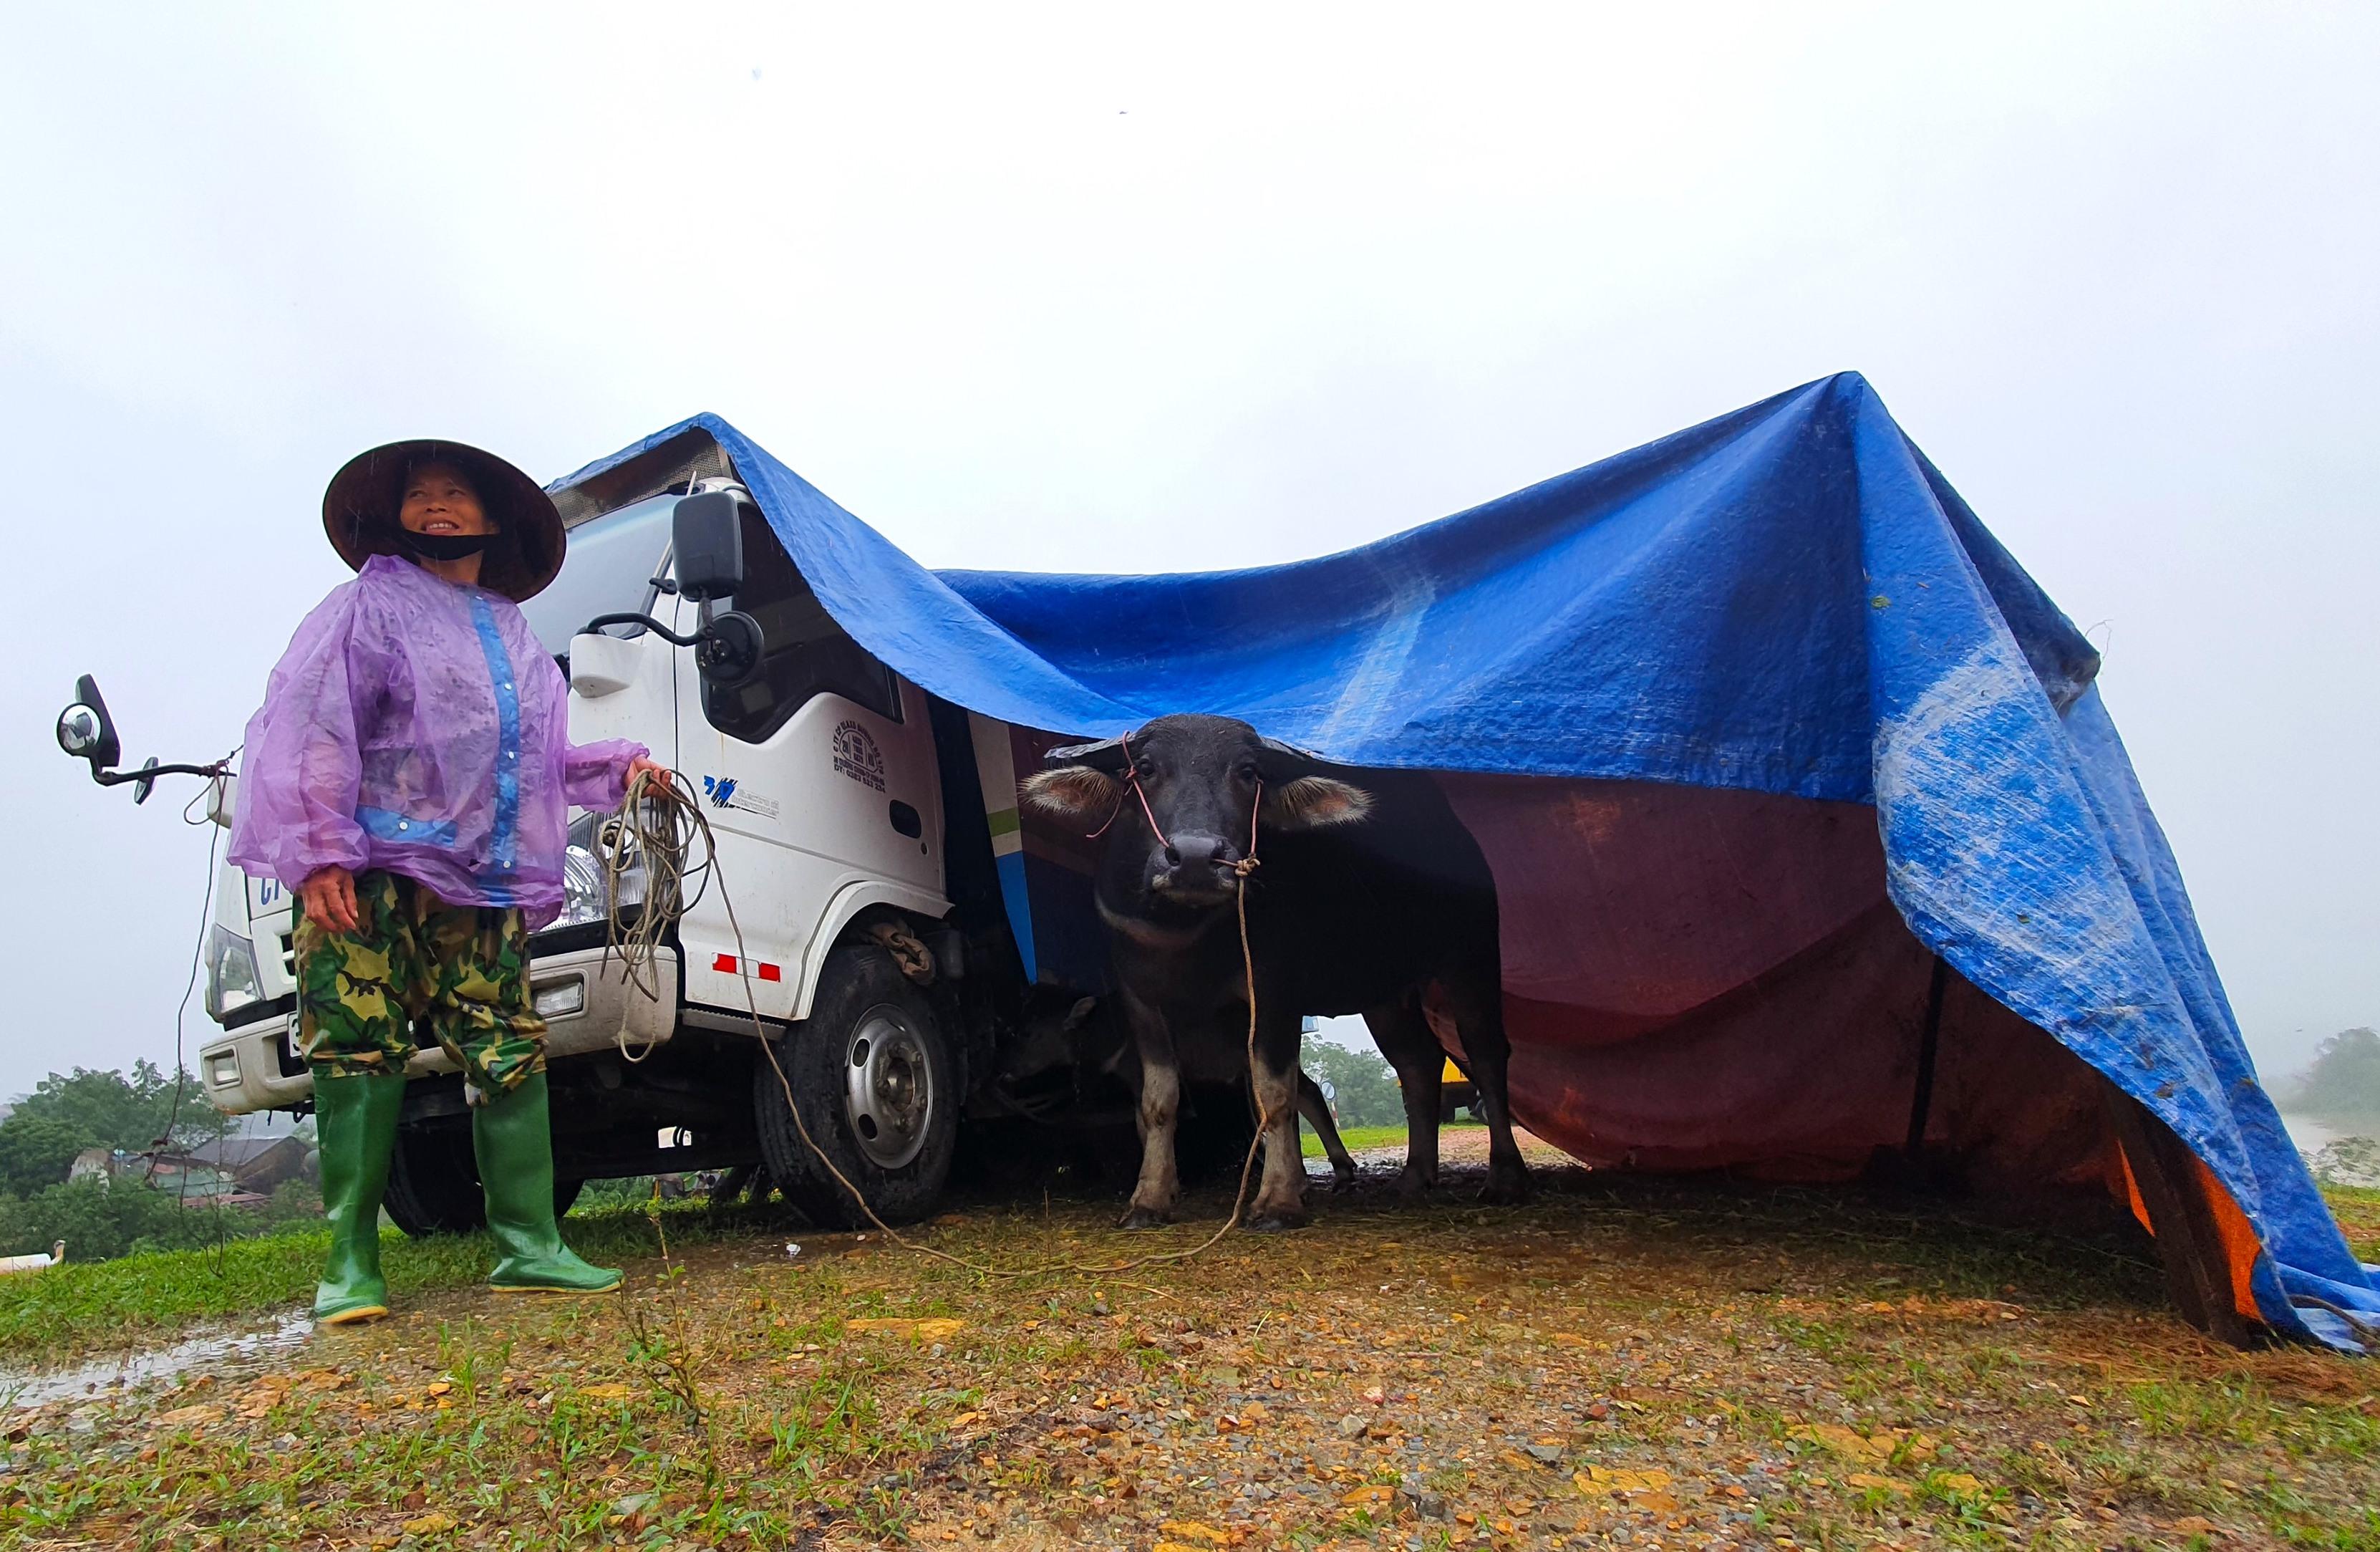 Nghệ An: Người dân ven sông phải lên đê dựng lều cho trâu bò trú ẩn - Ảnh 13.